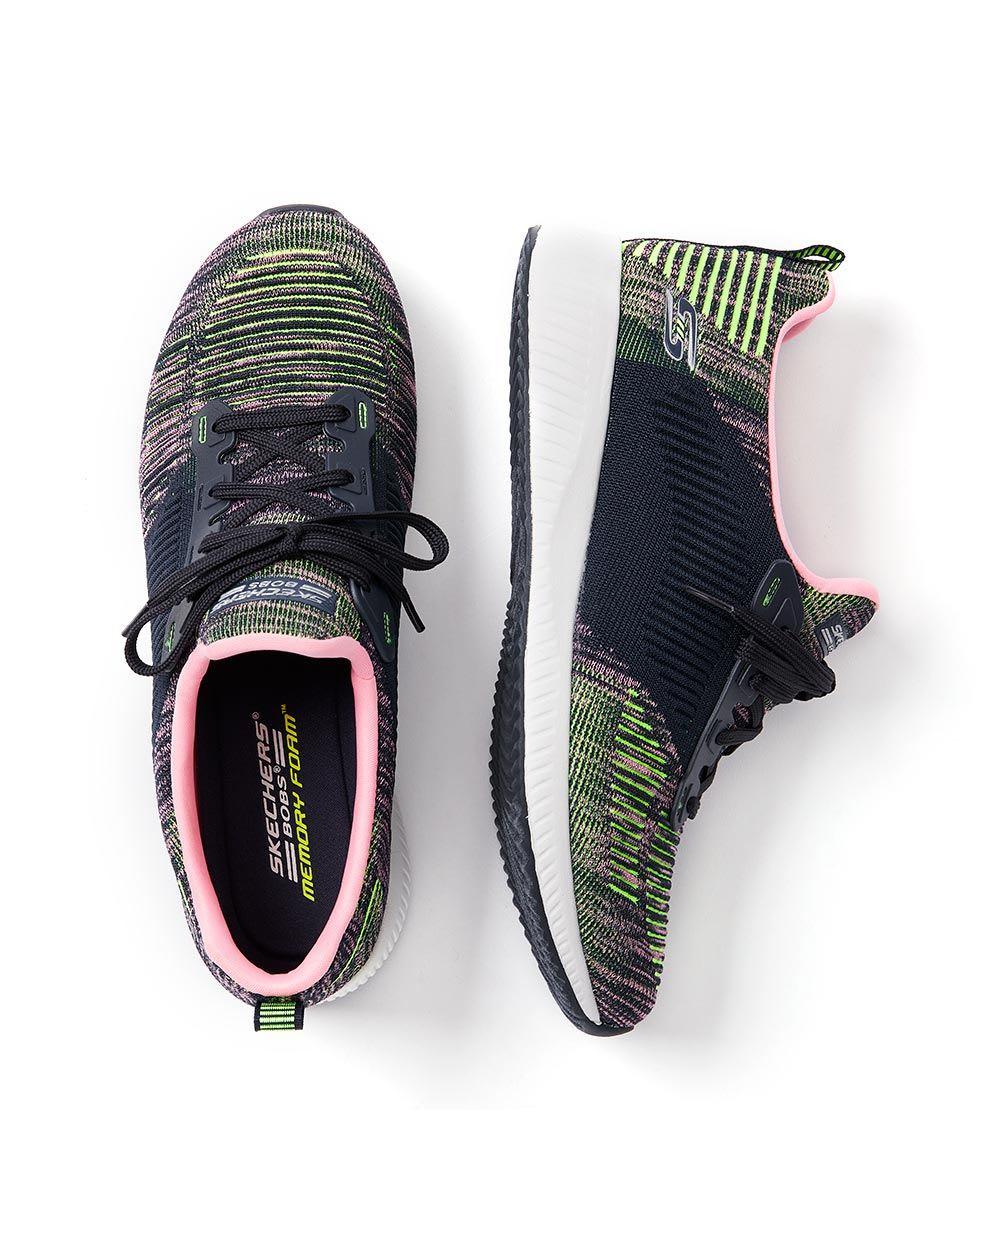 Multi-Colour Wide-Width Sneakers - Skechers